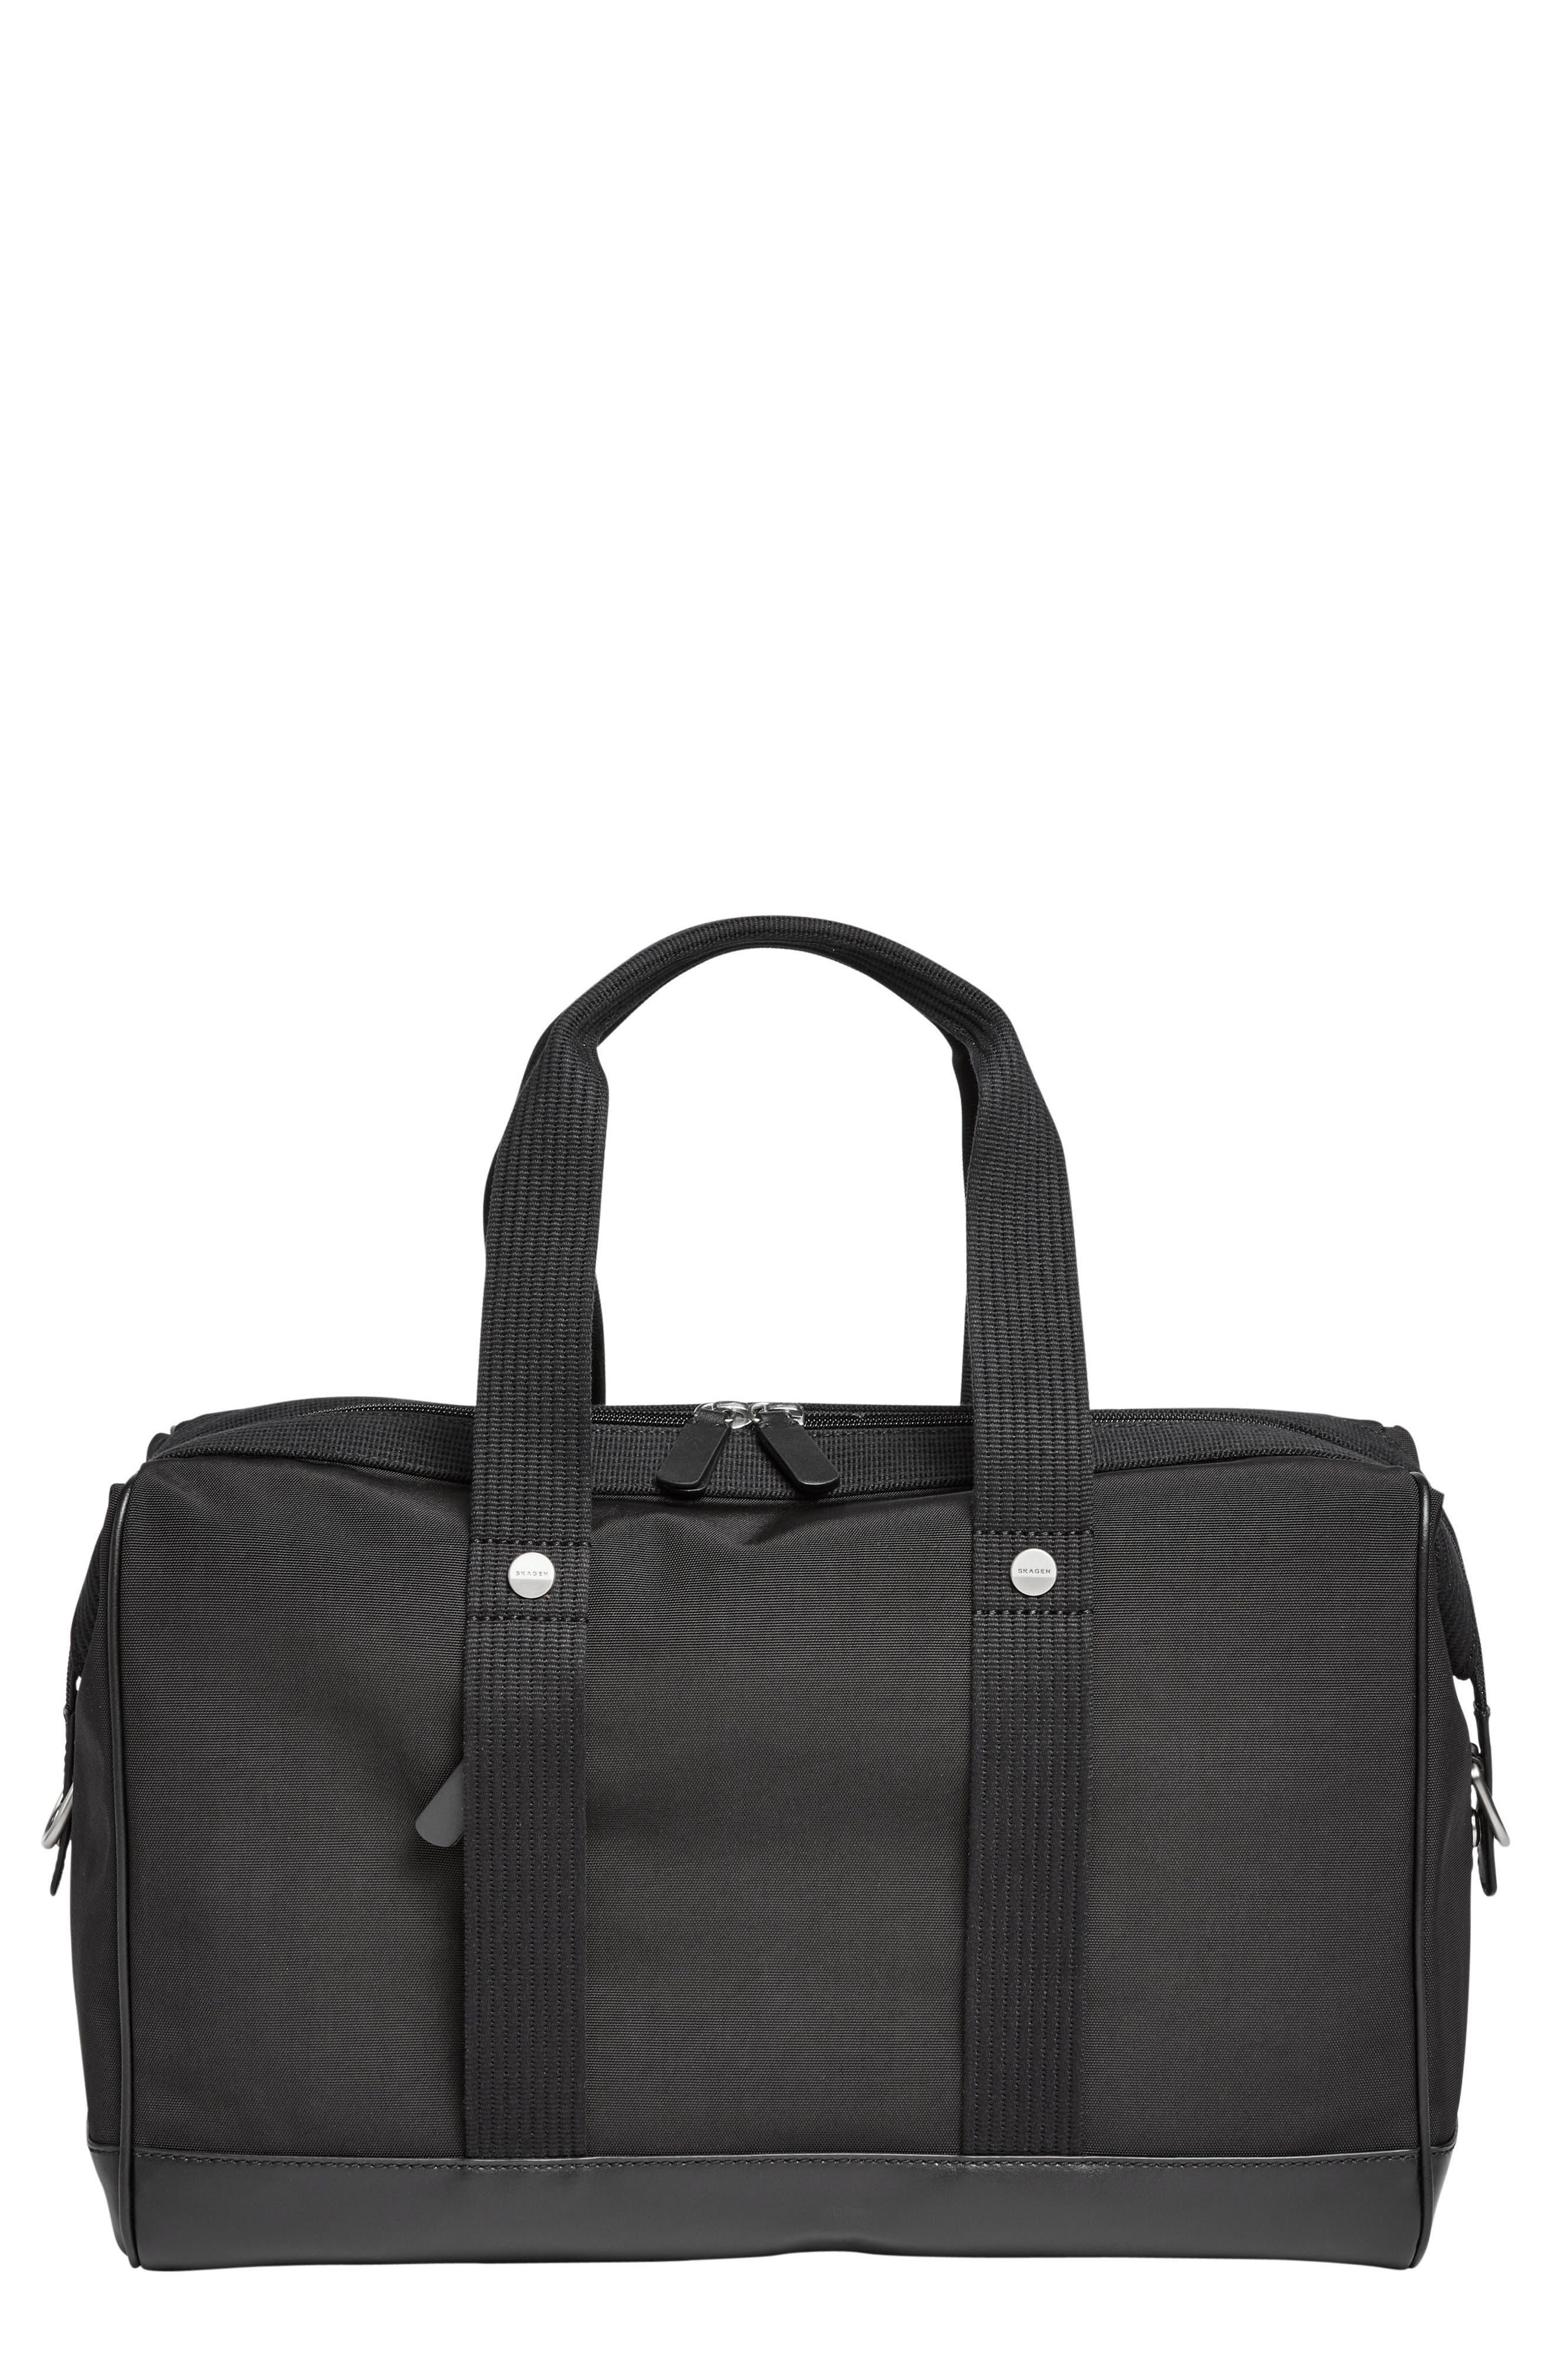 Krinsen Duffel Bag,                         Main,                         color, Black